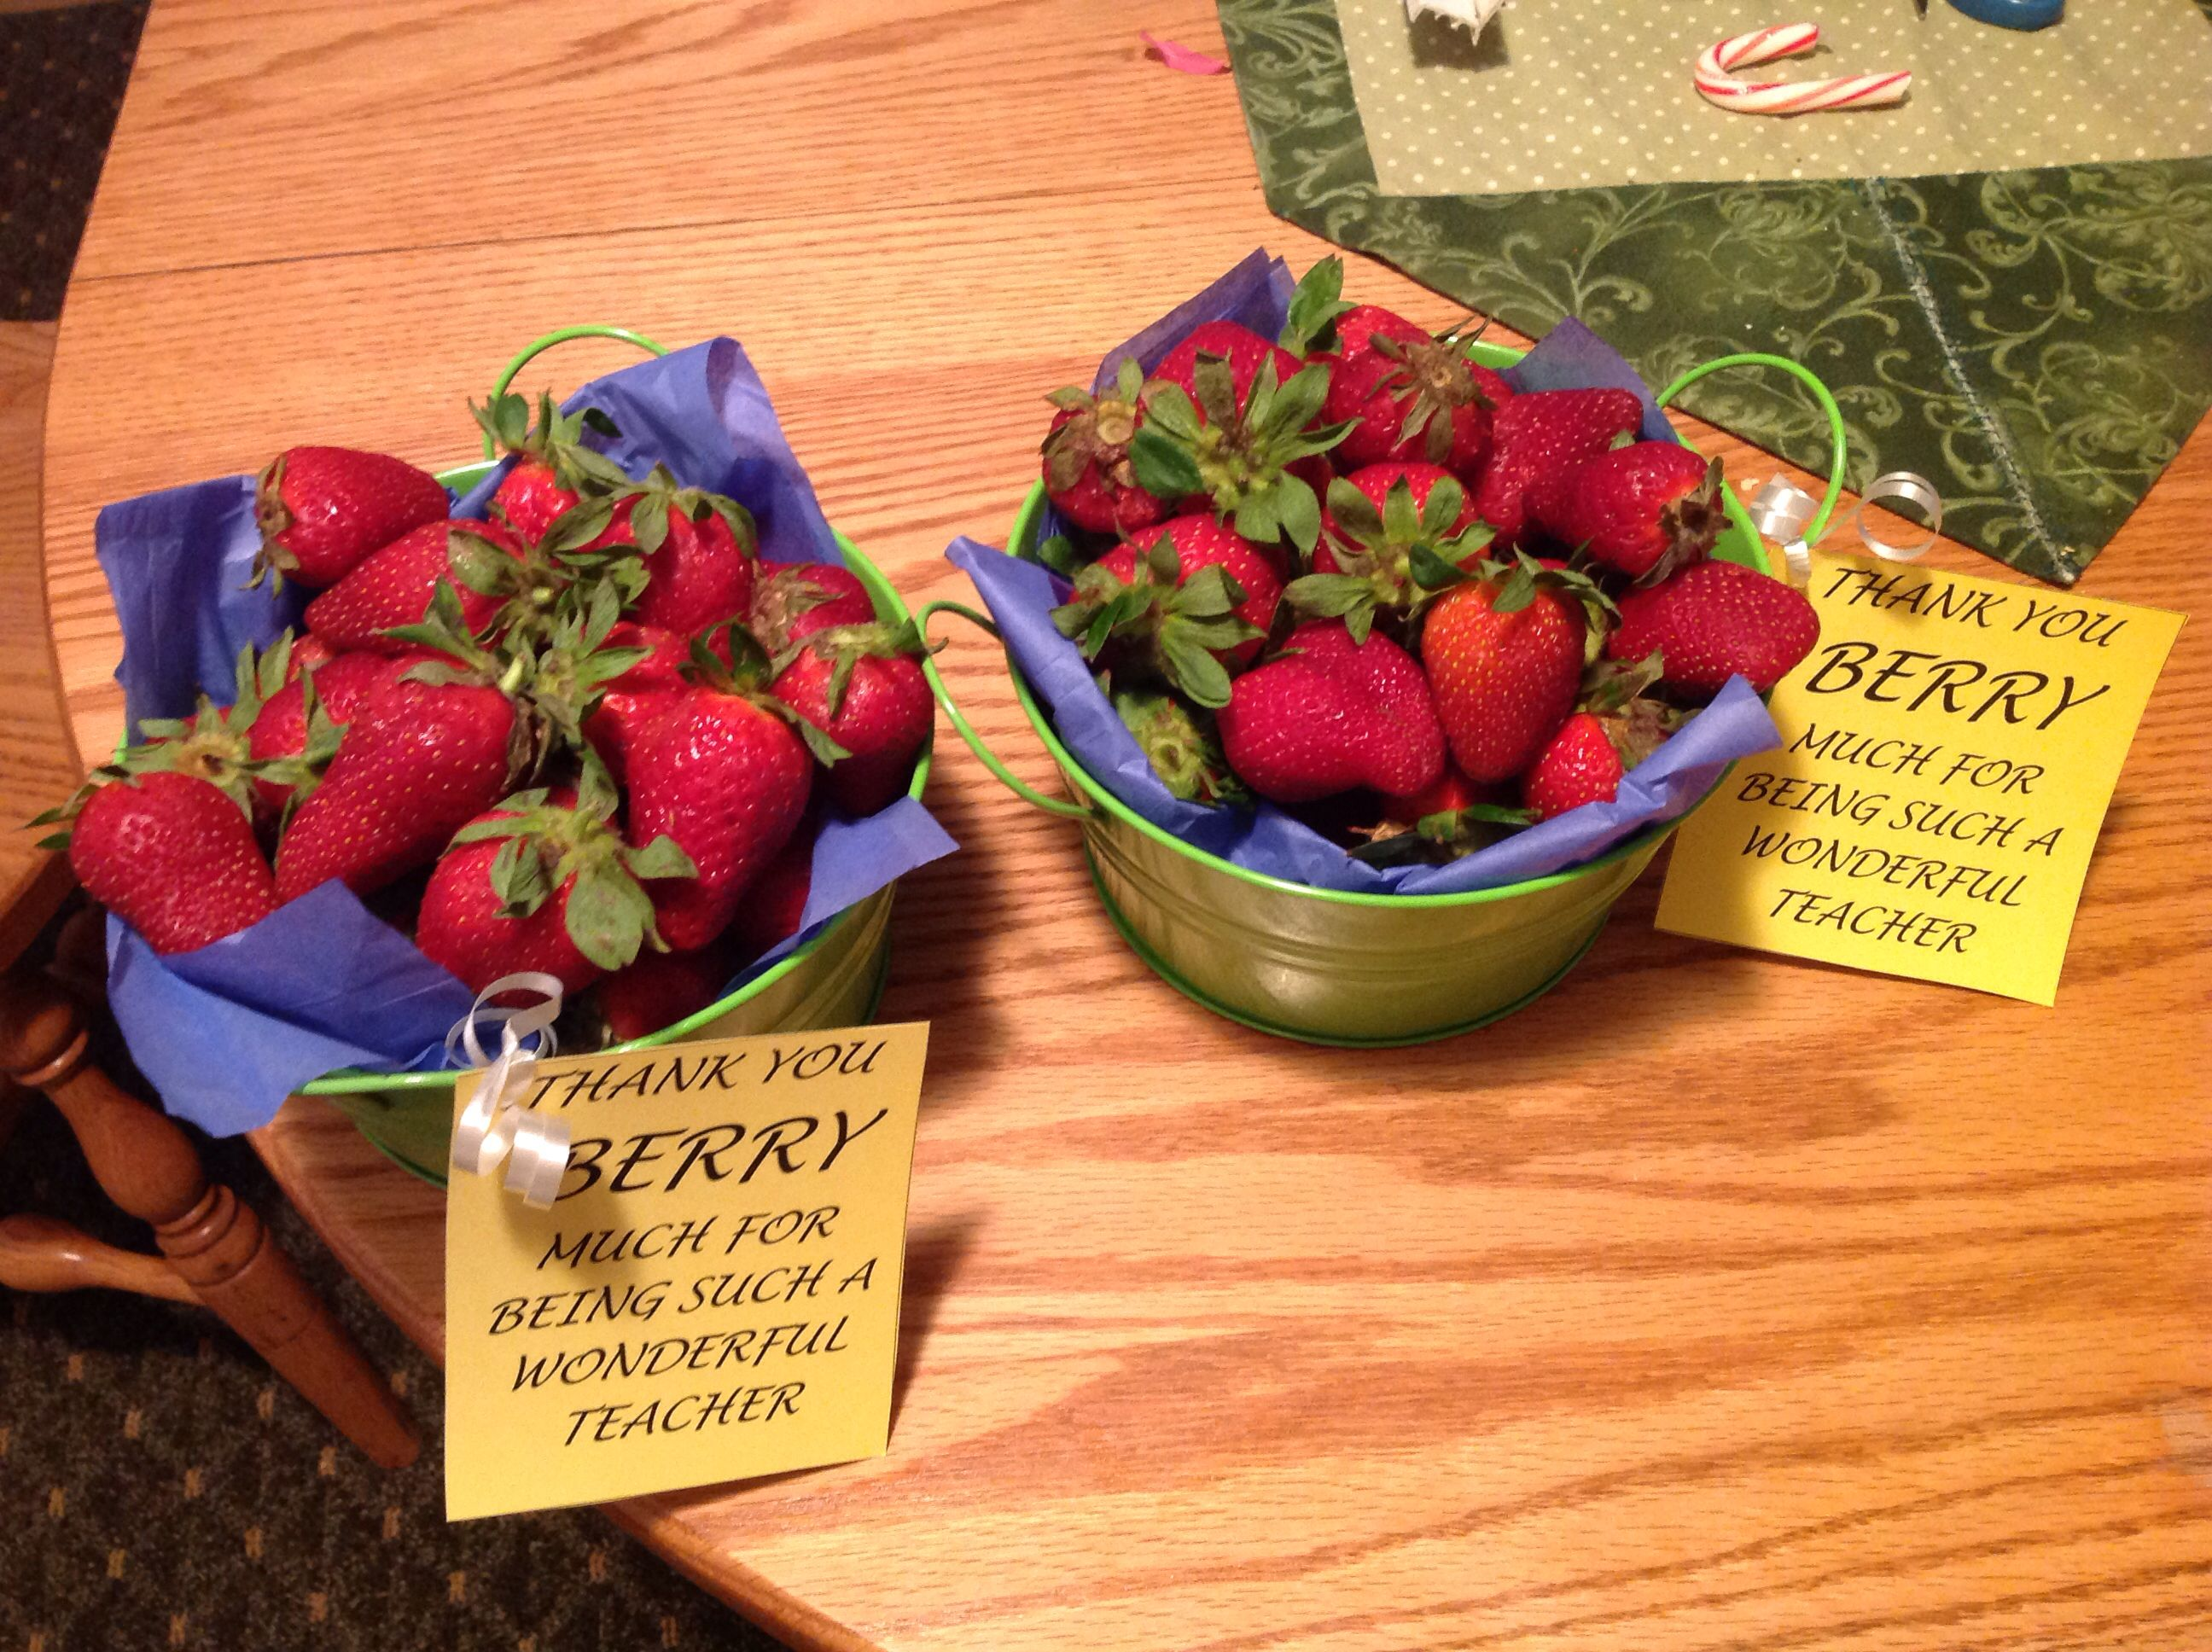 Berry basket for teacher appreciation week berry